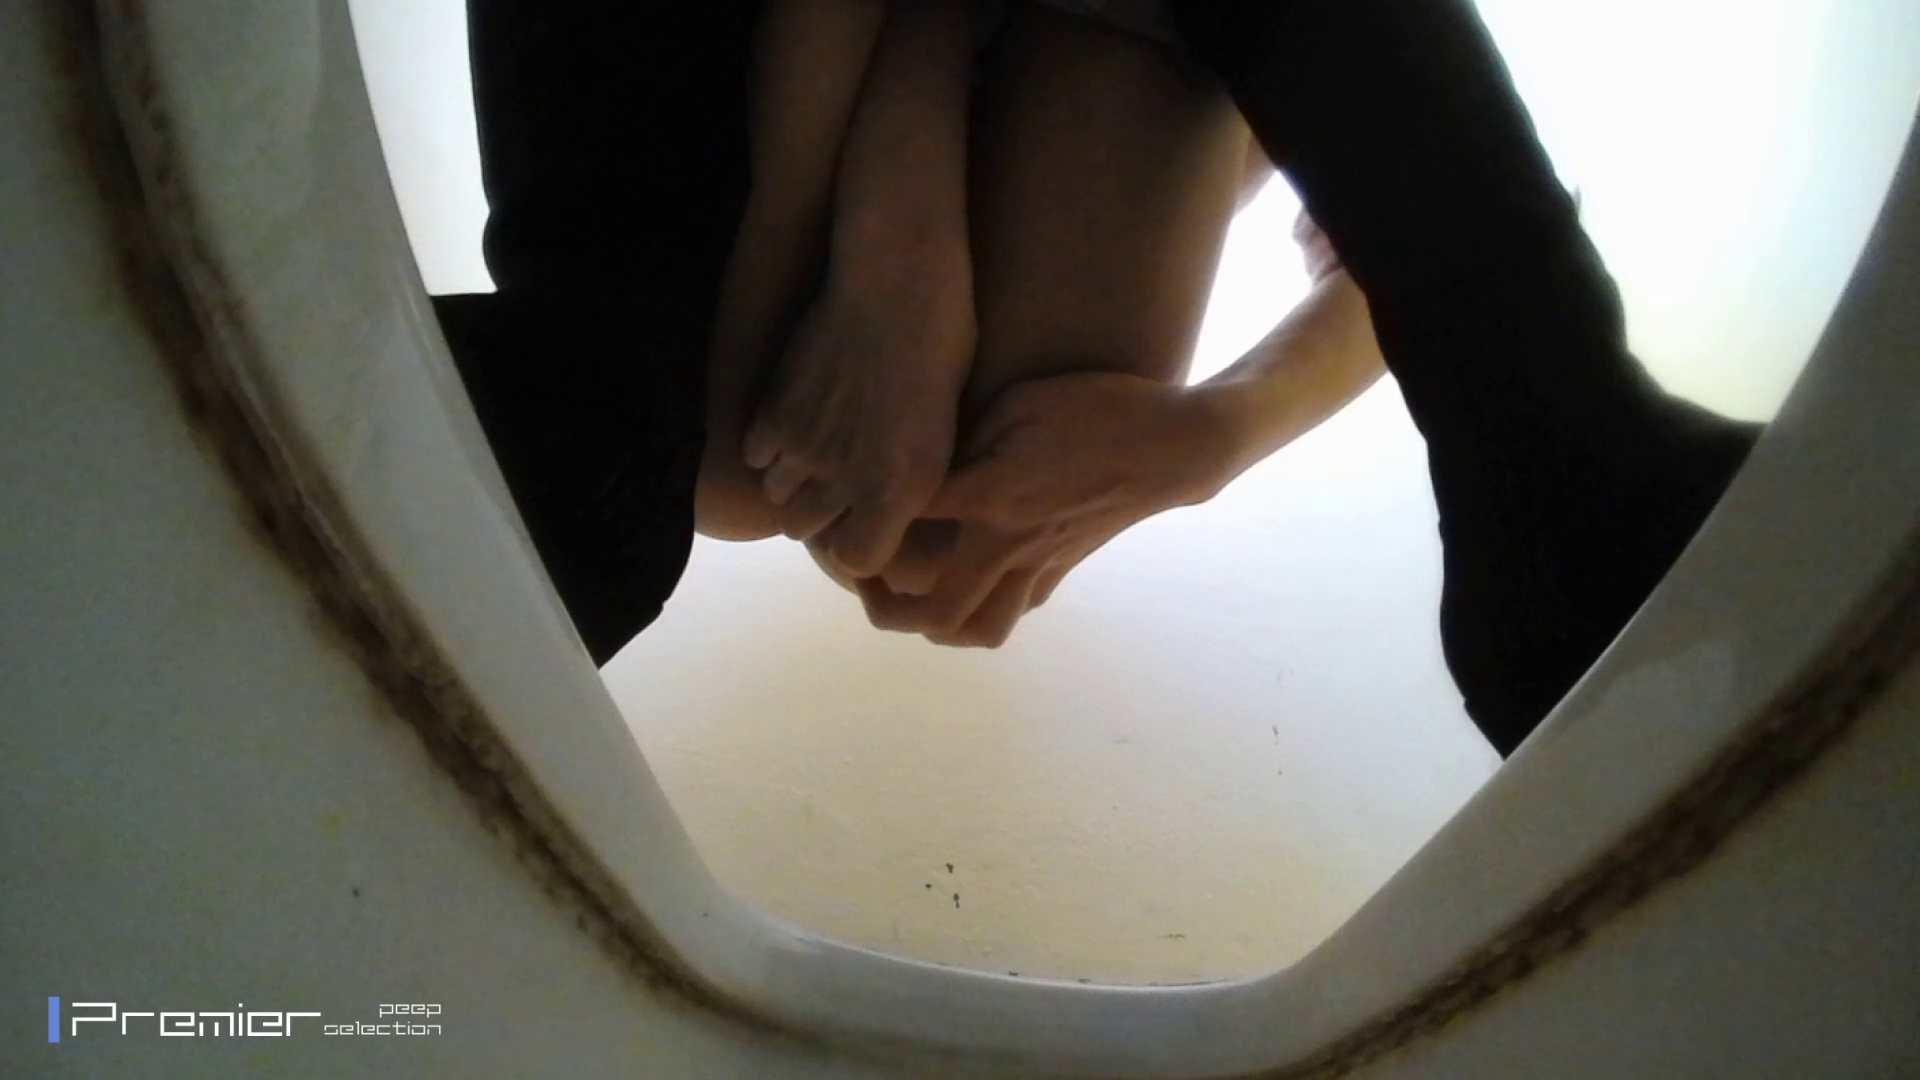 ▲2017_07位▲ 某格安温泉地宿泊施設トイレ盗撮 Vol.01 VR AV無料動画キャプチャ 73連発 65